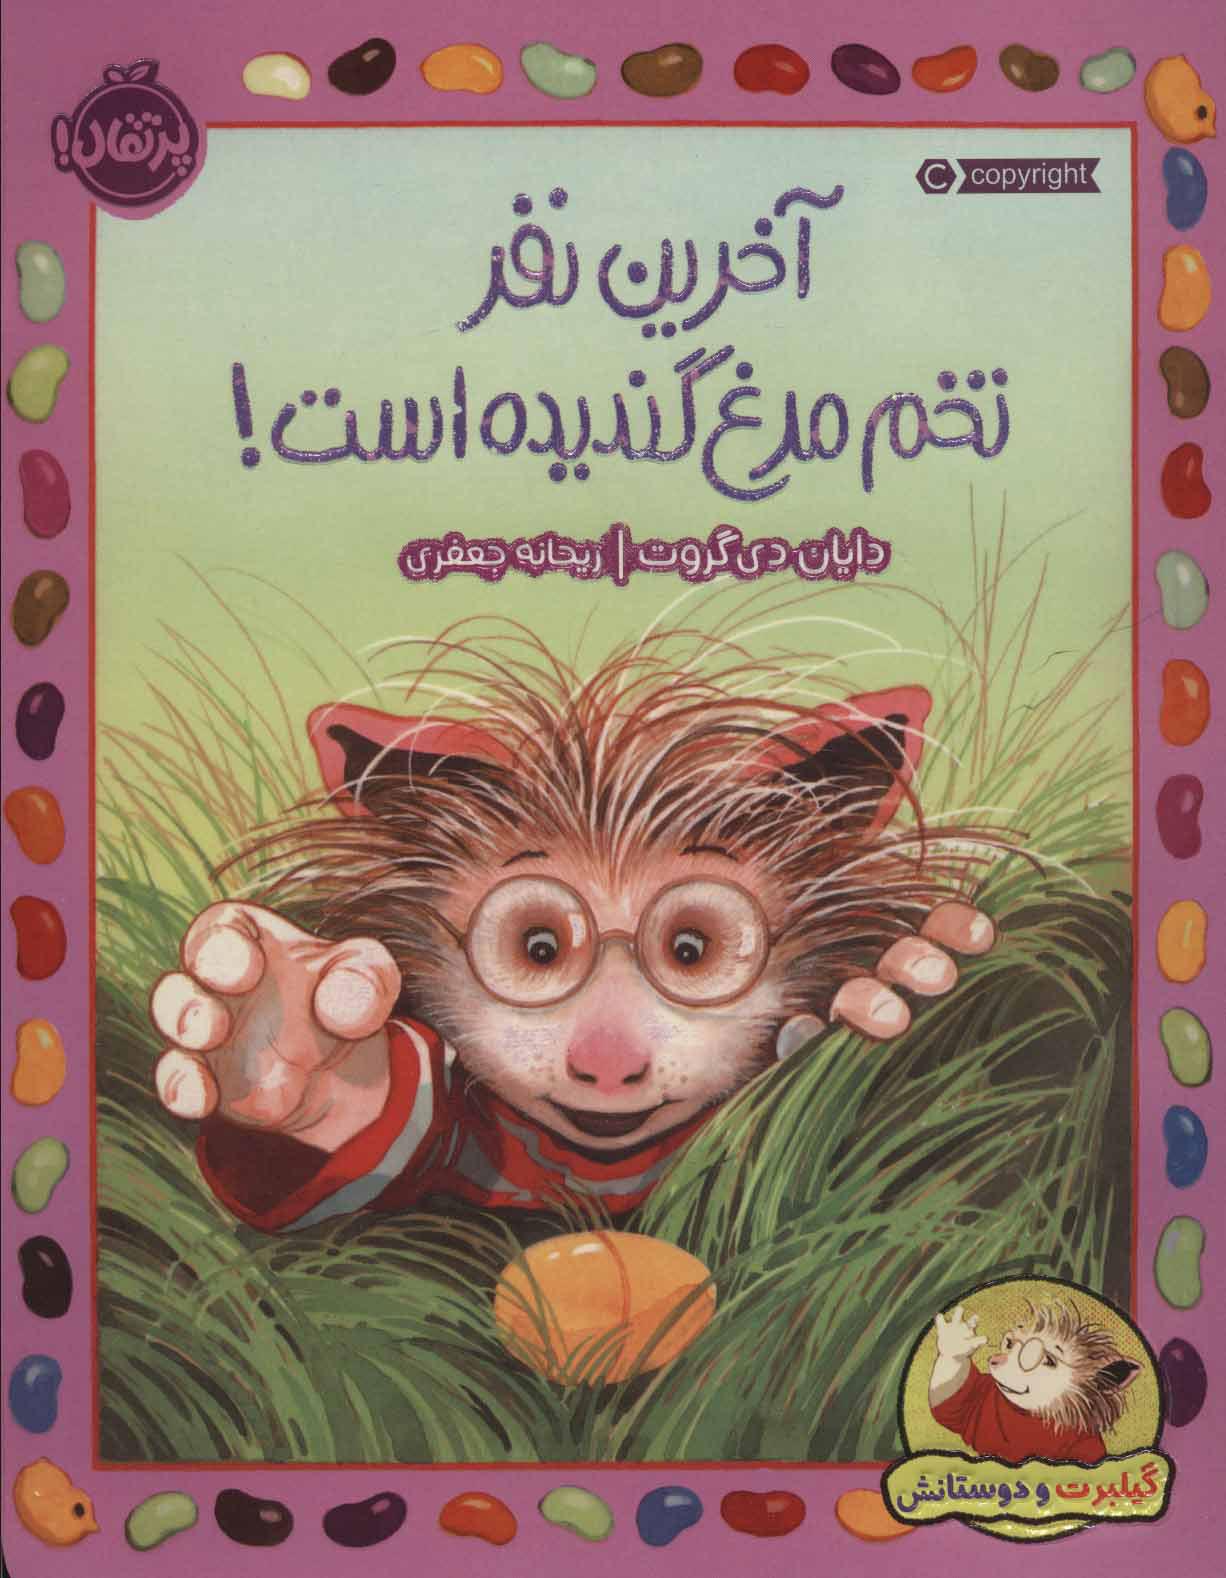 کتاب آخرین نفر تخم مرغ گندیده است!